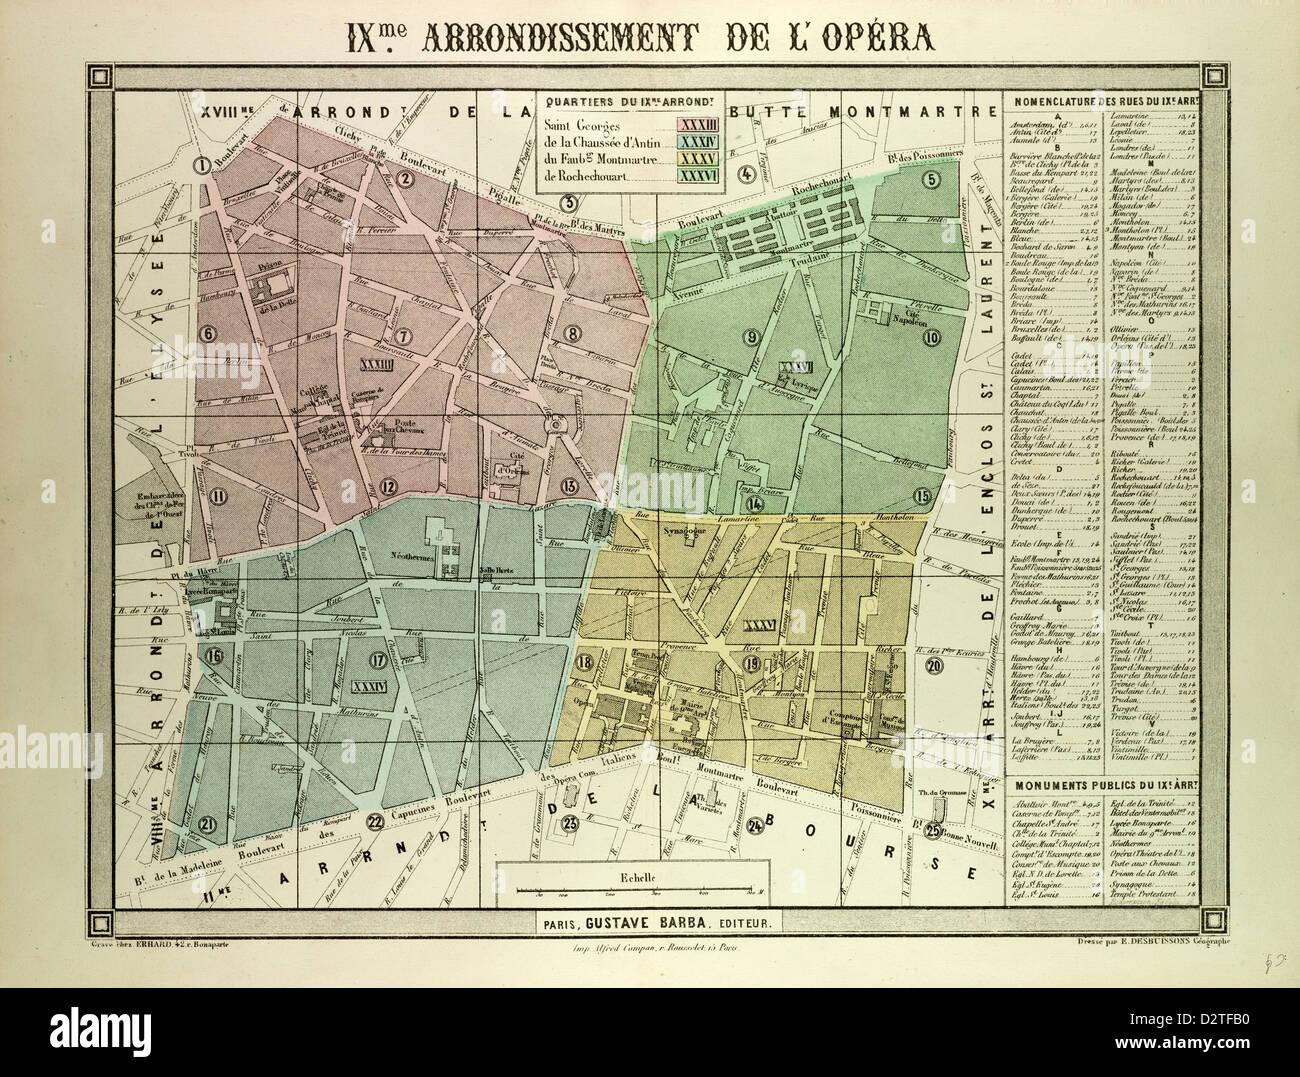 MAP OF THE 9TH ARRONDISSEMENT DE L'OPÉRA PARIS FRANCE - Stock Image